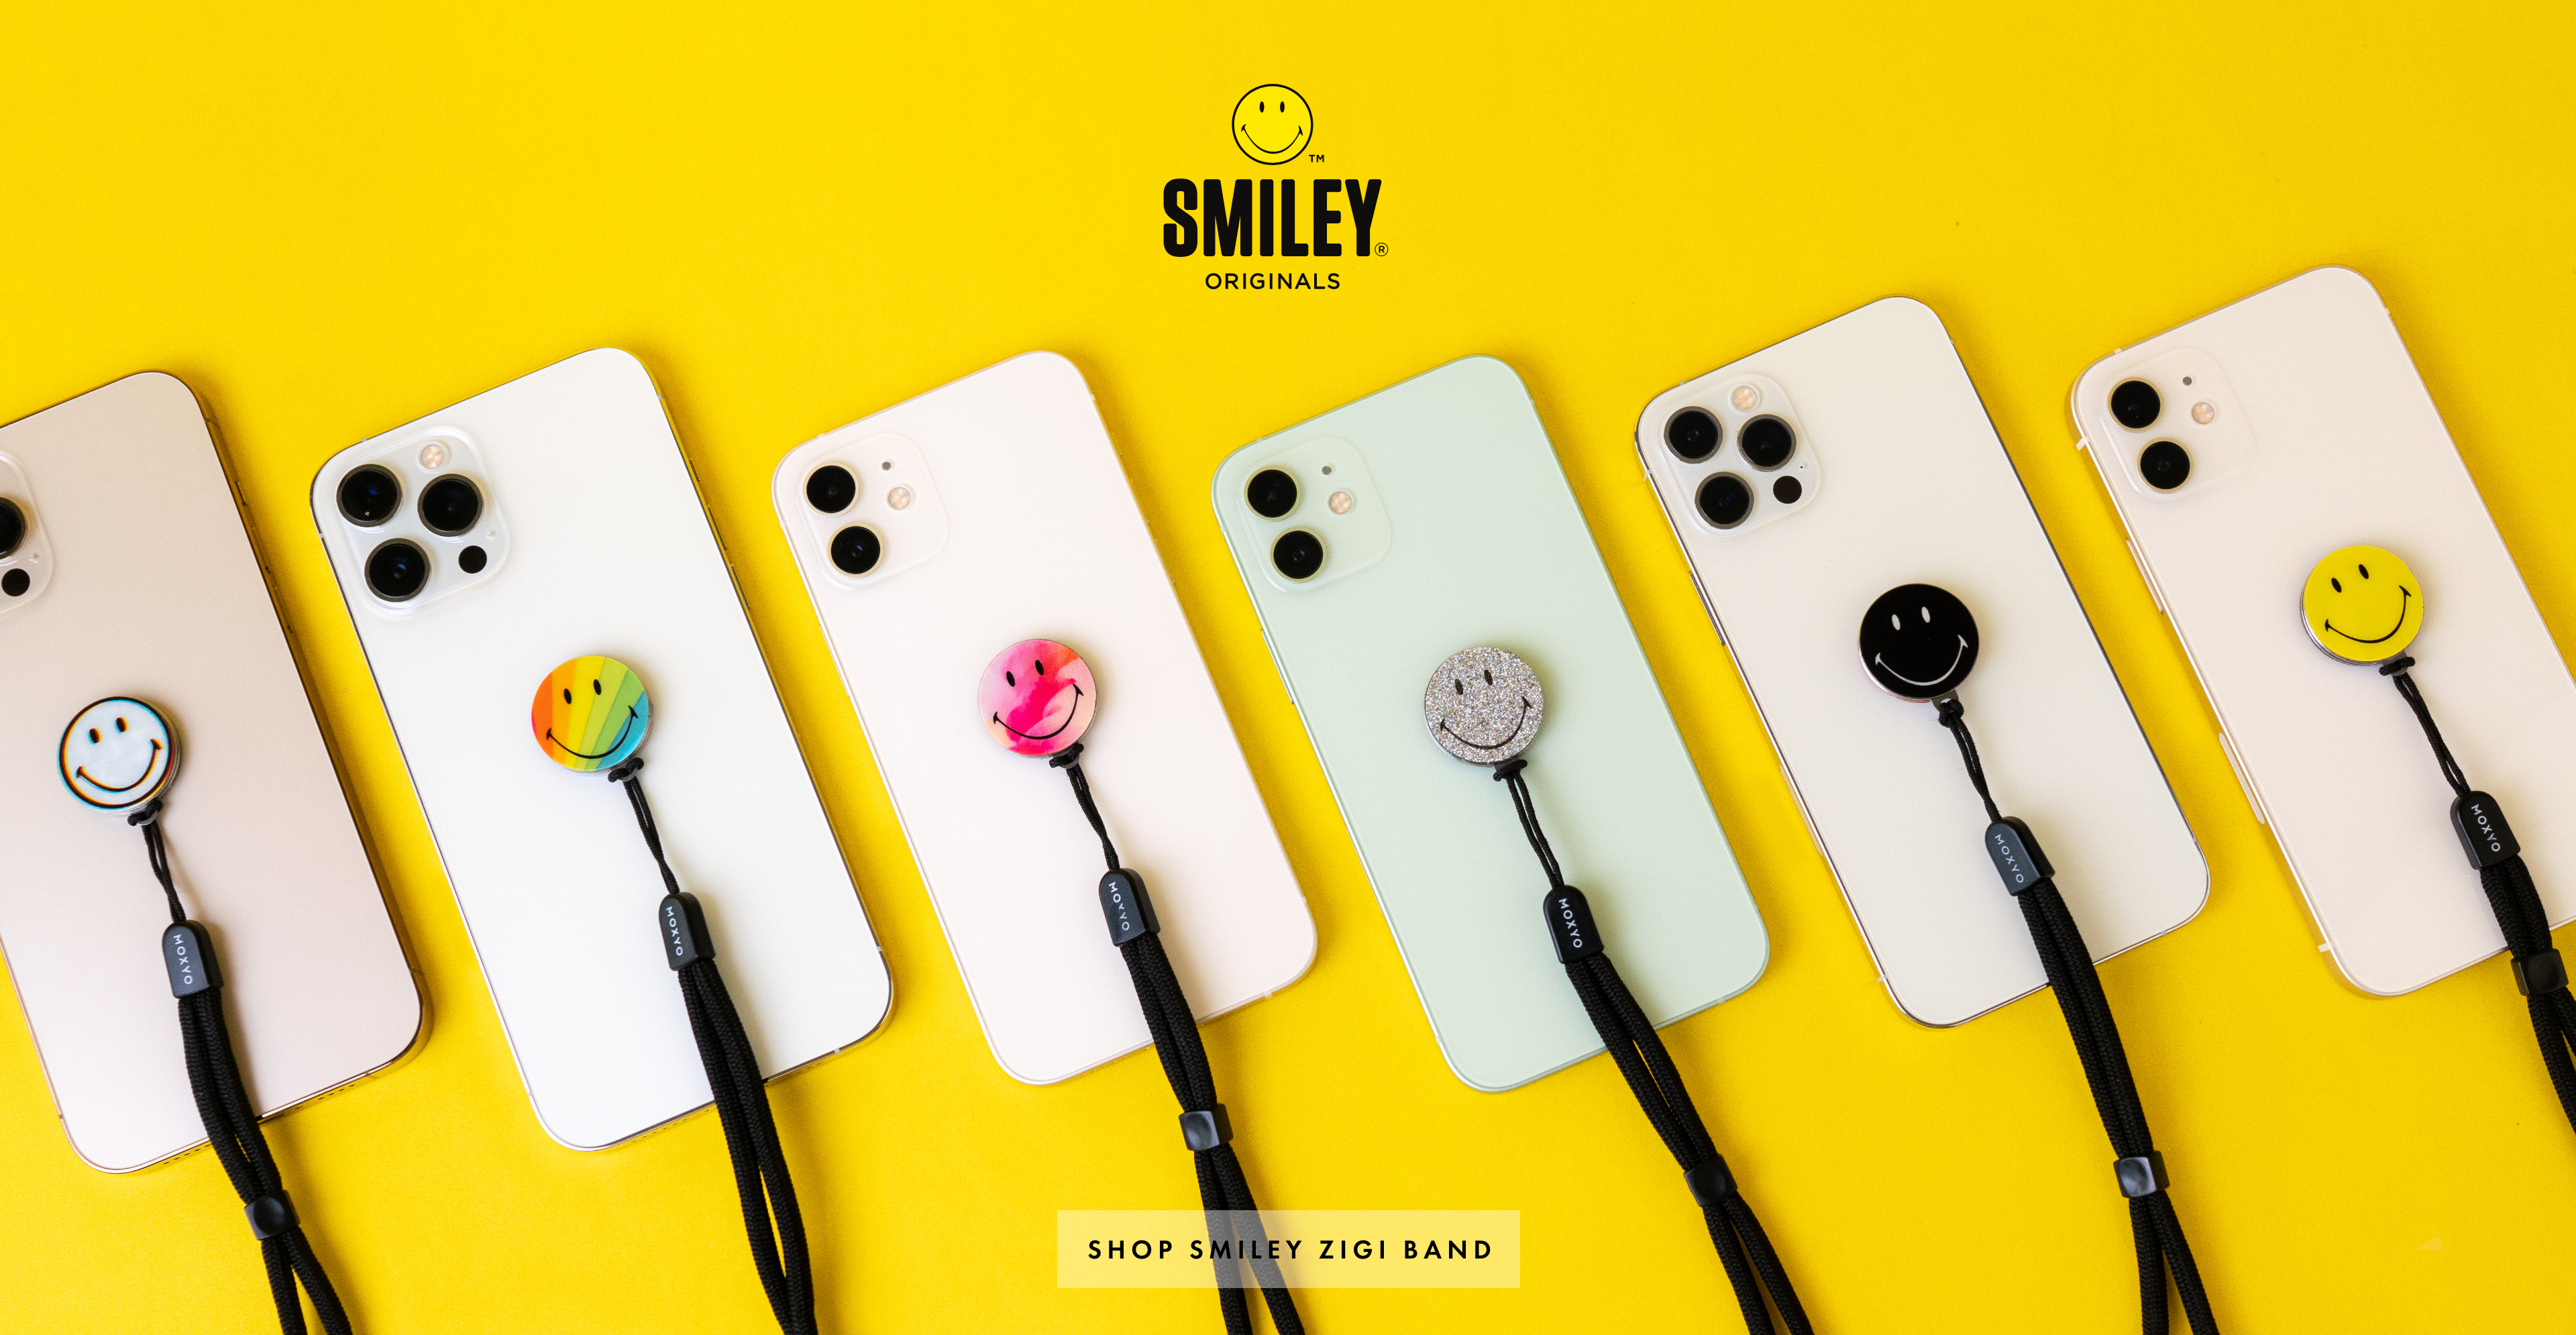 Smiley Zigi Band